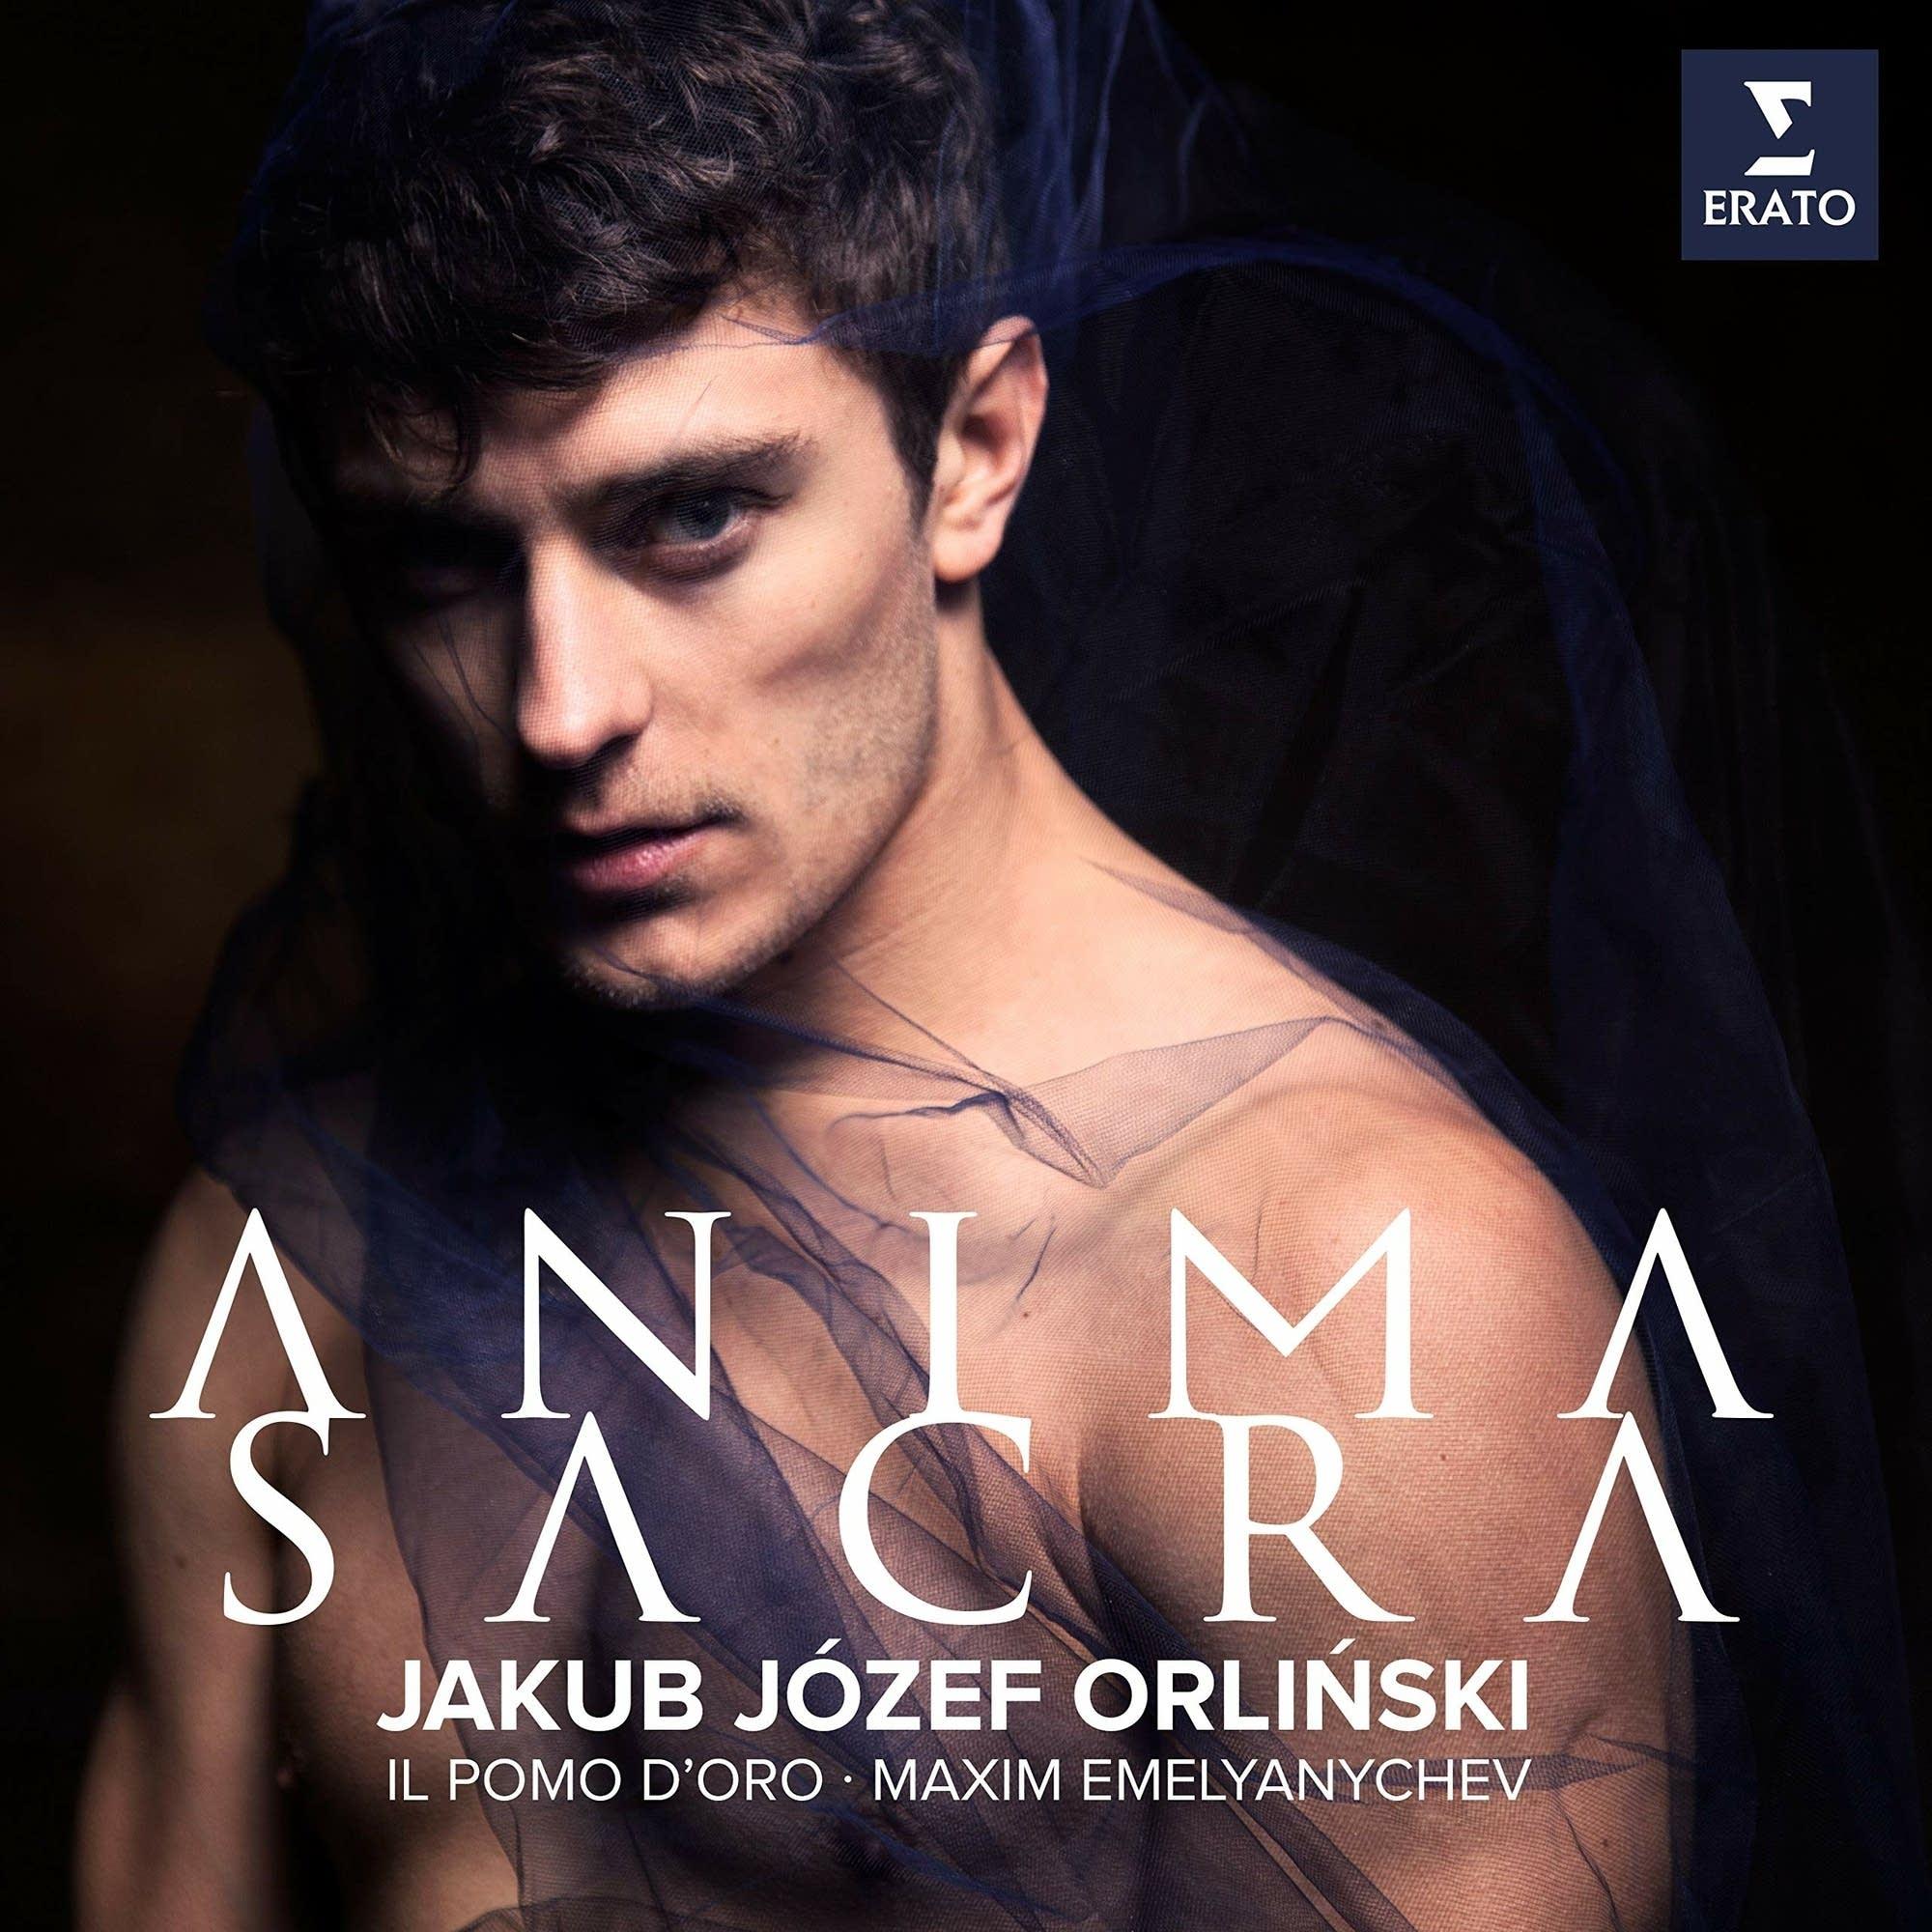 Jakub Jozef Orlinski: 'Anima Sacra'